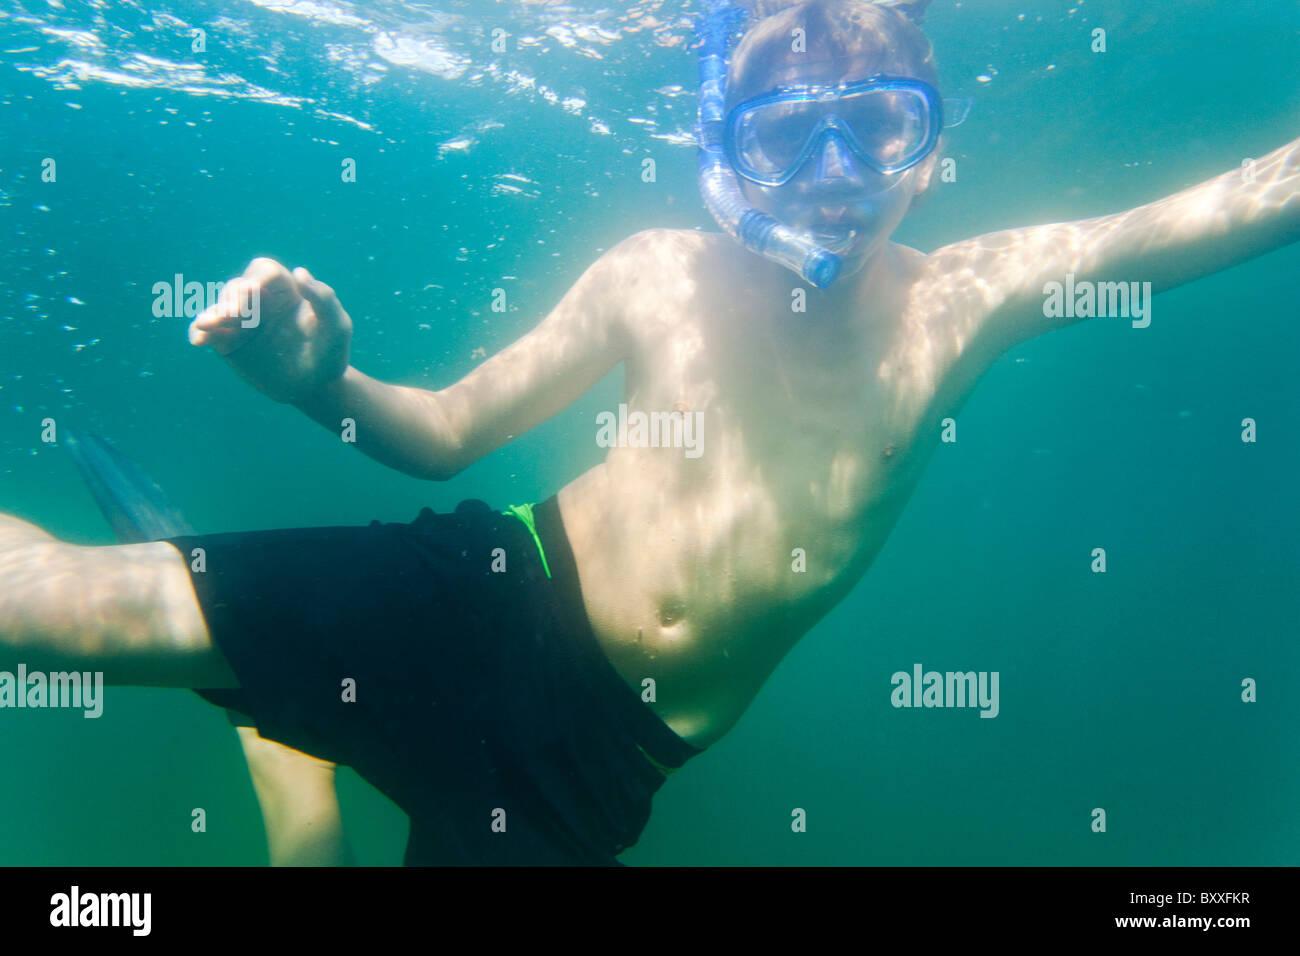 Adolescente snorkeling in acqua del Salto(Saltö) Svezia Immagini Stock